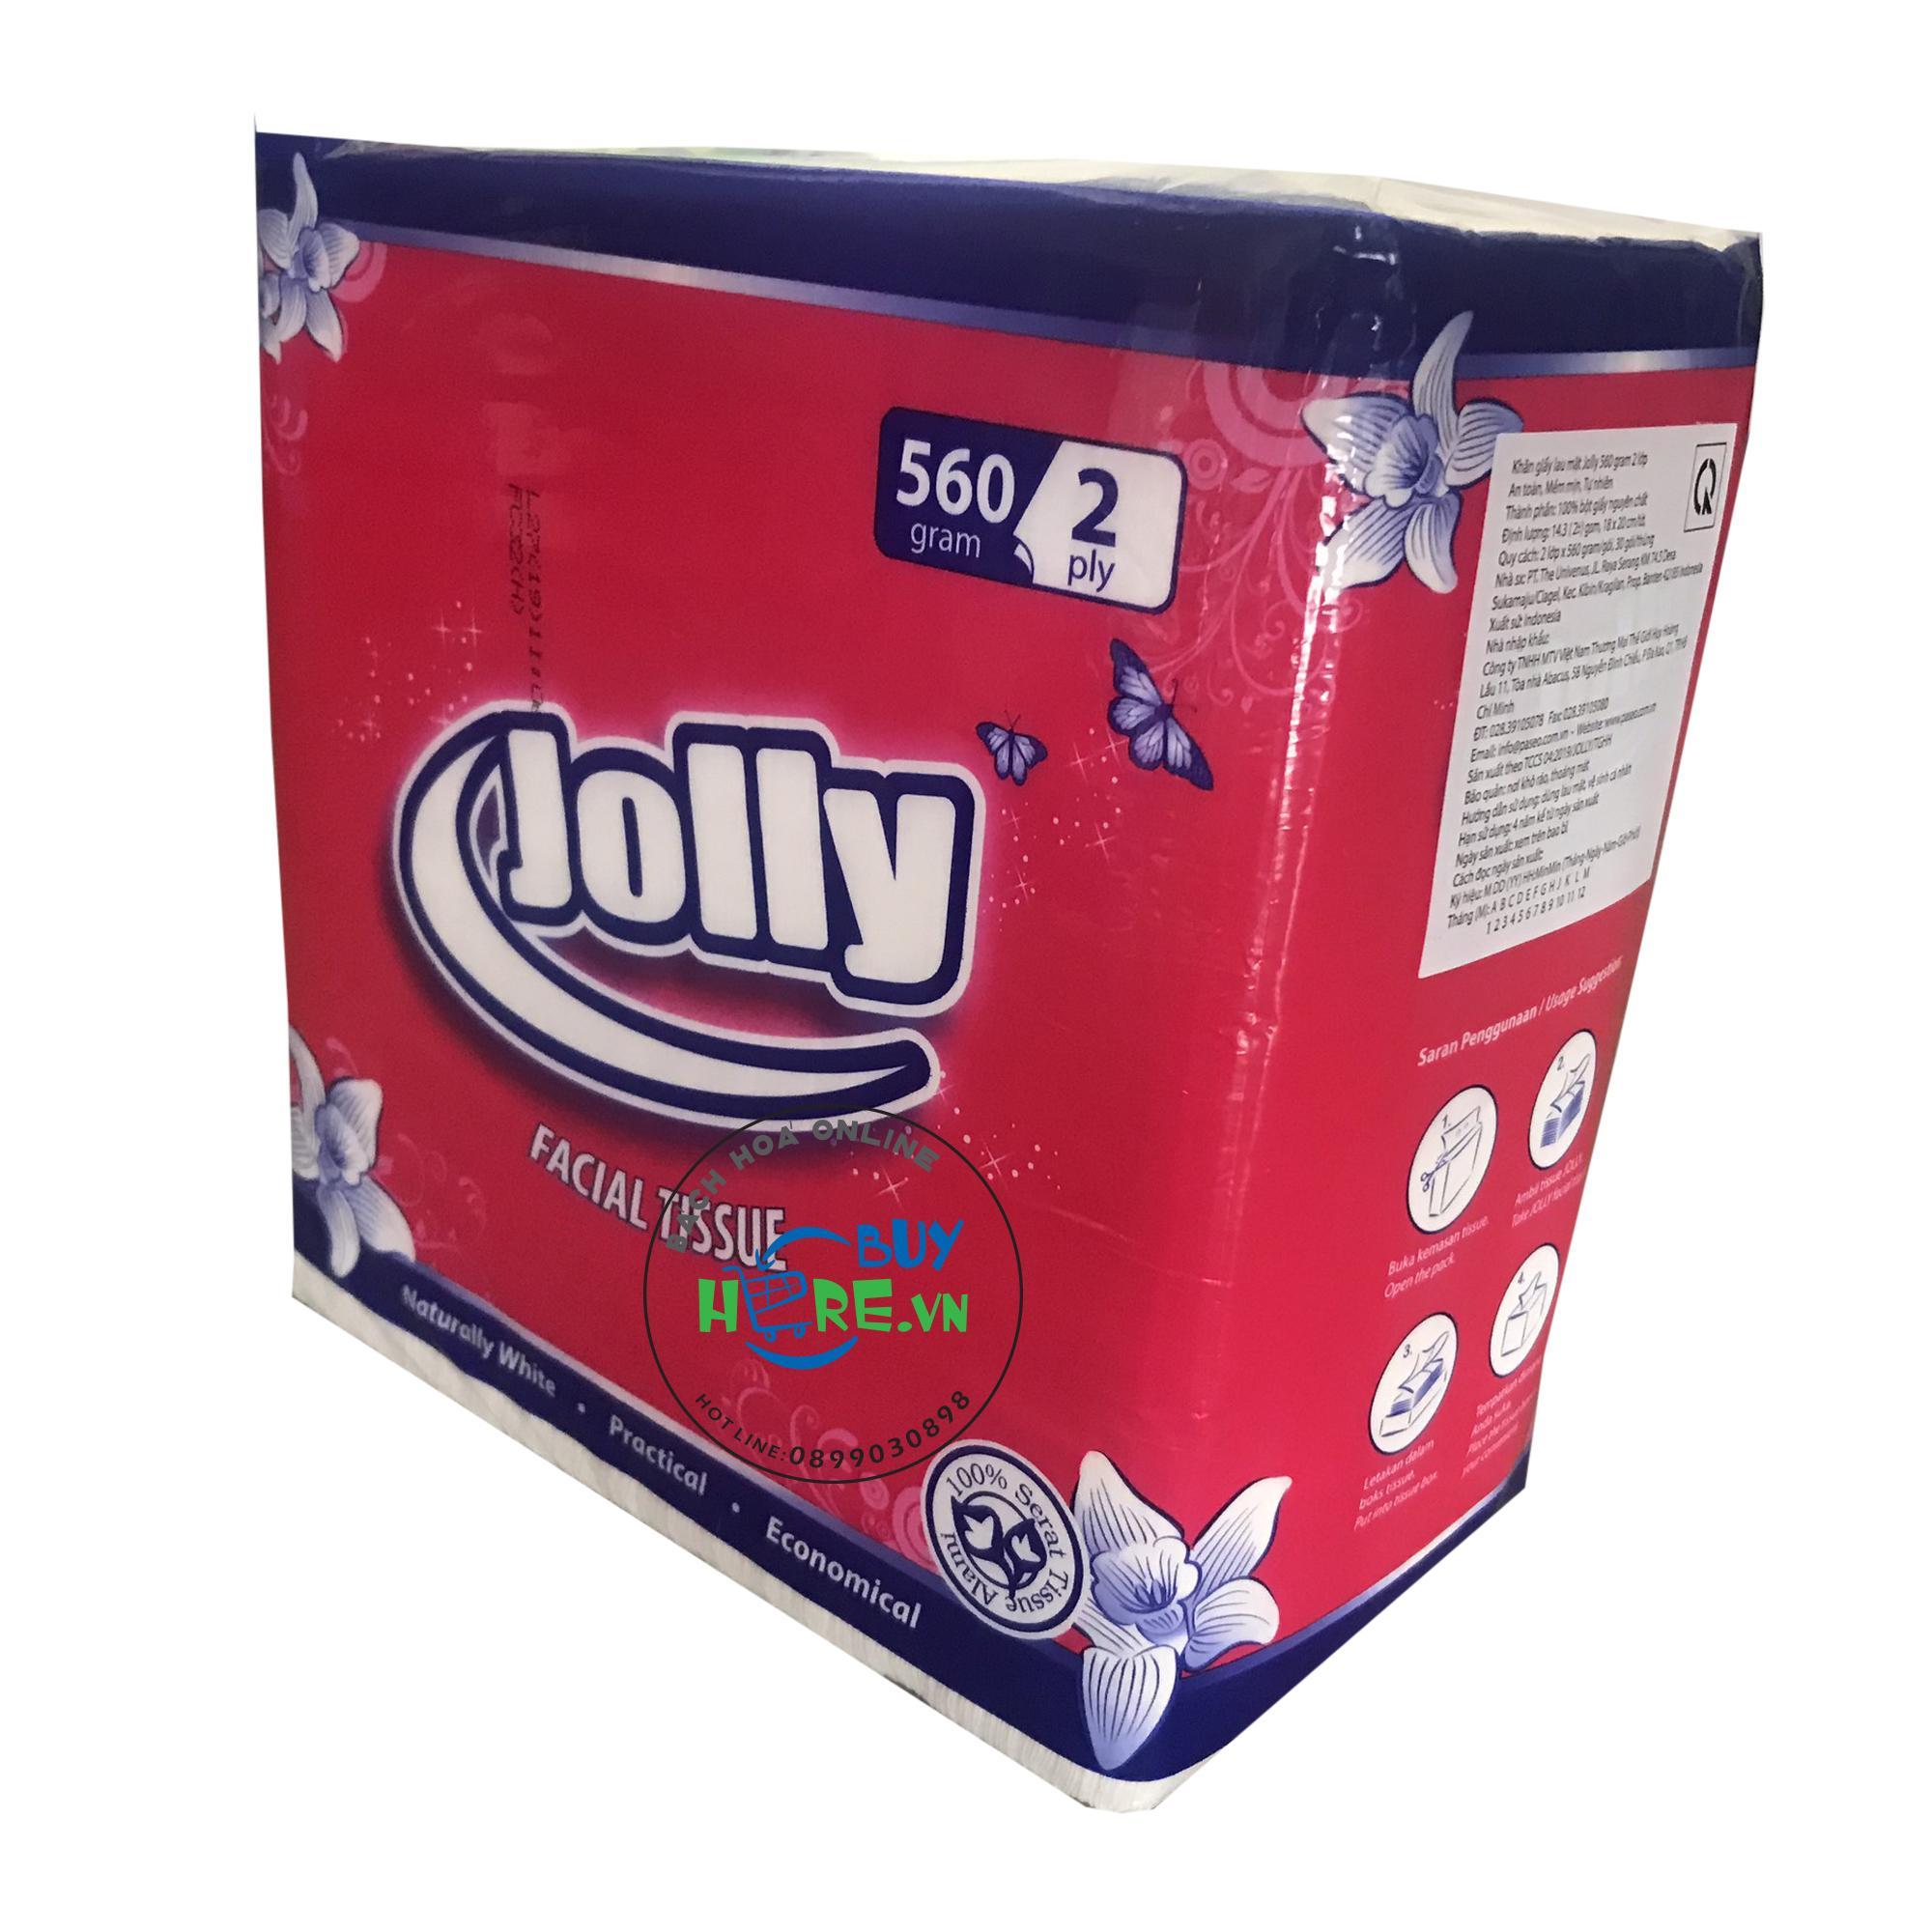 Khăn giấy jolly 560gram 2 lớp